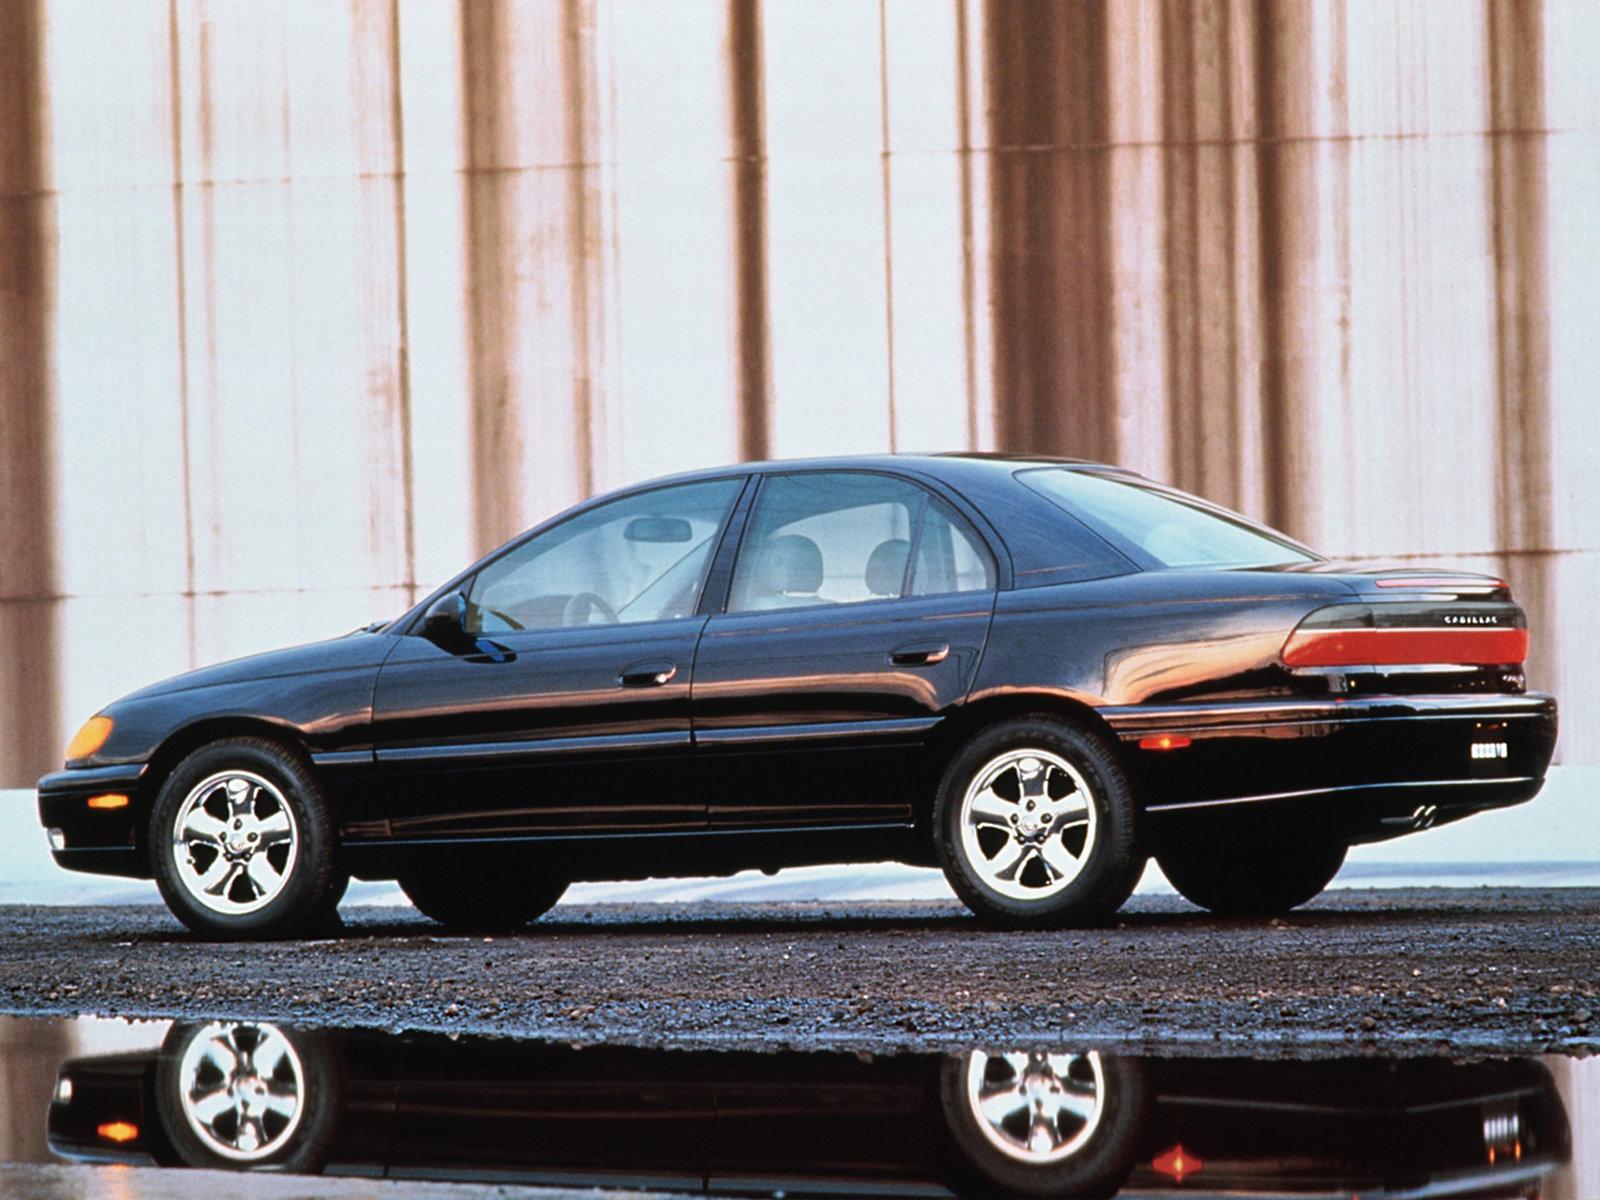 Фотографии автомобилей cadillac catera / кадиллак катера (1997 - 2000) седан